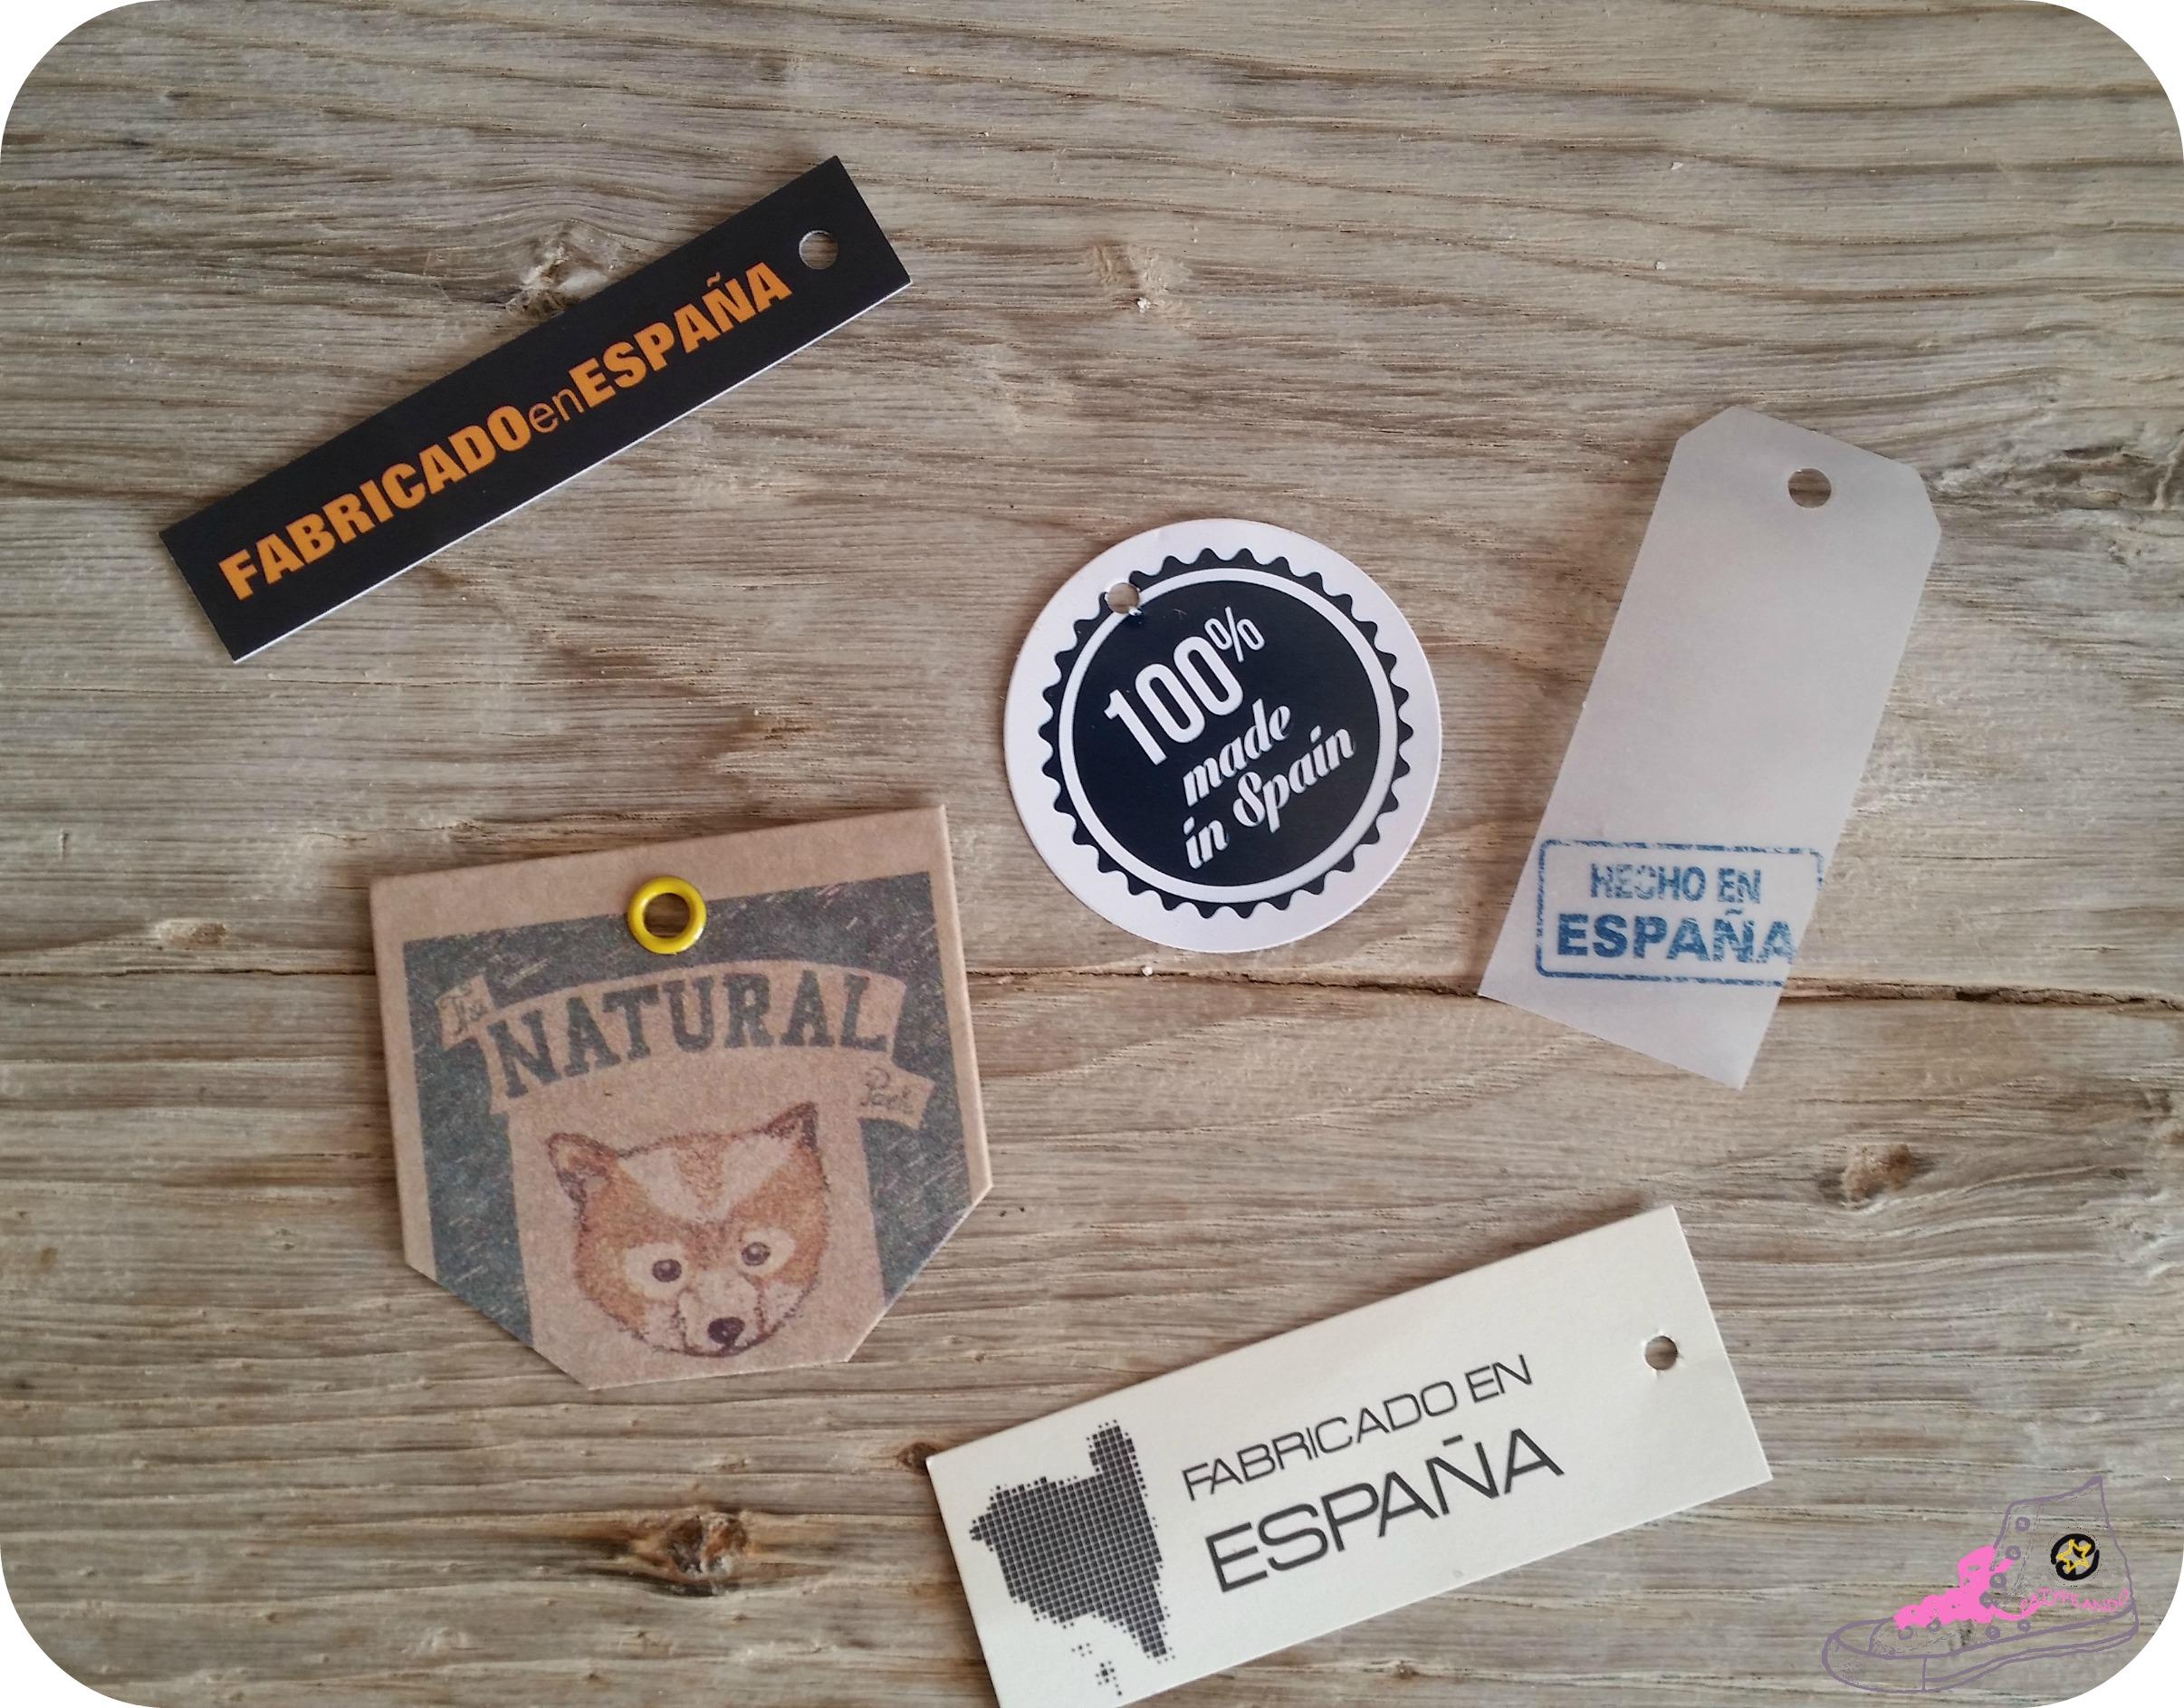 etiquetas made in spain